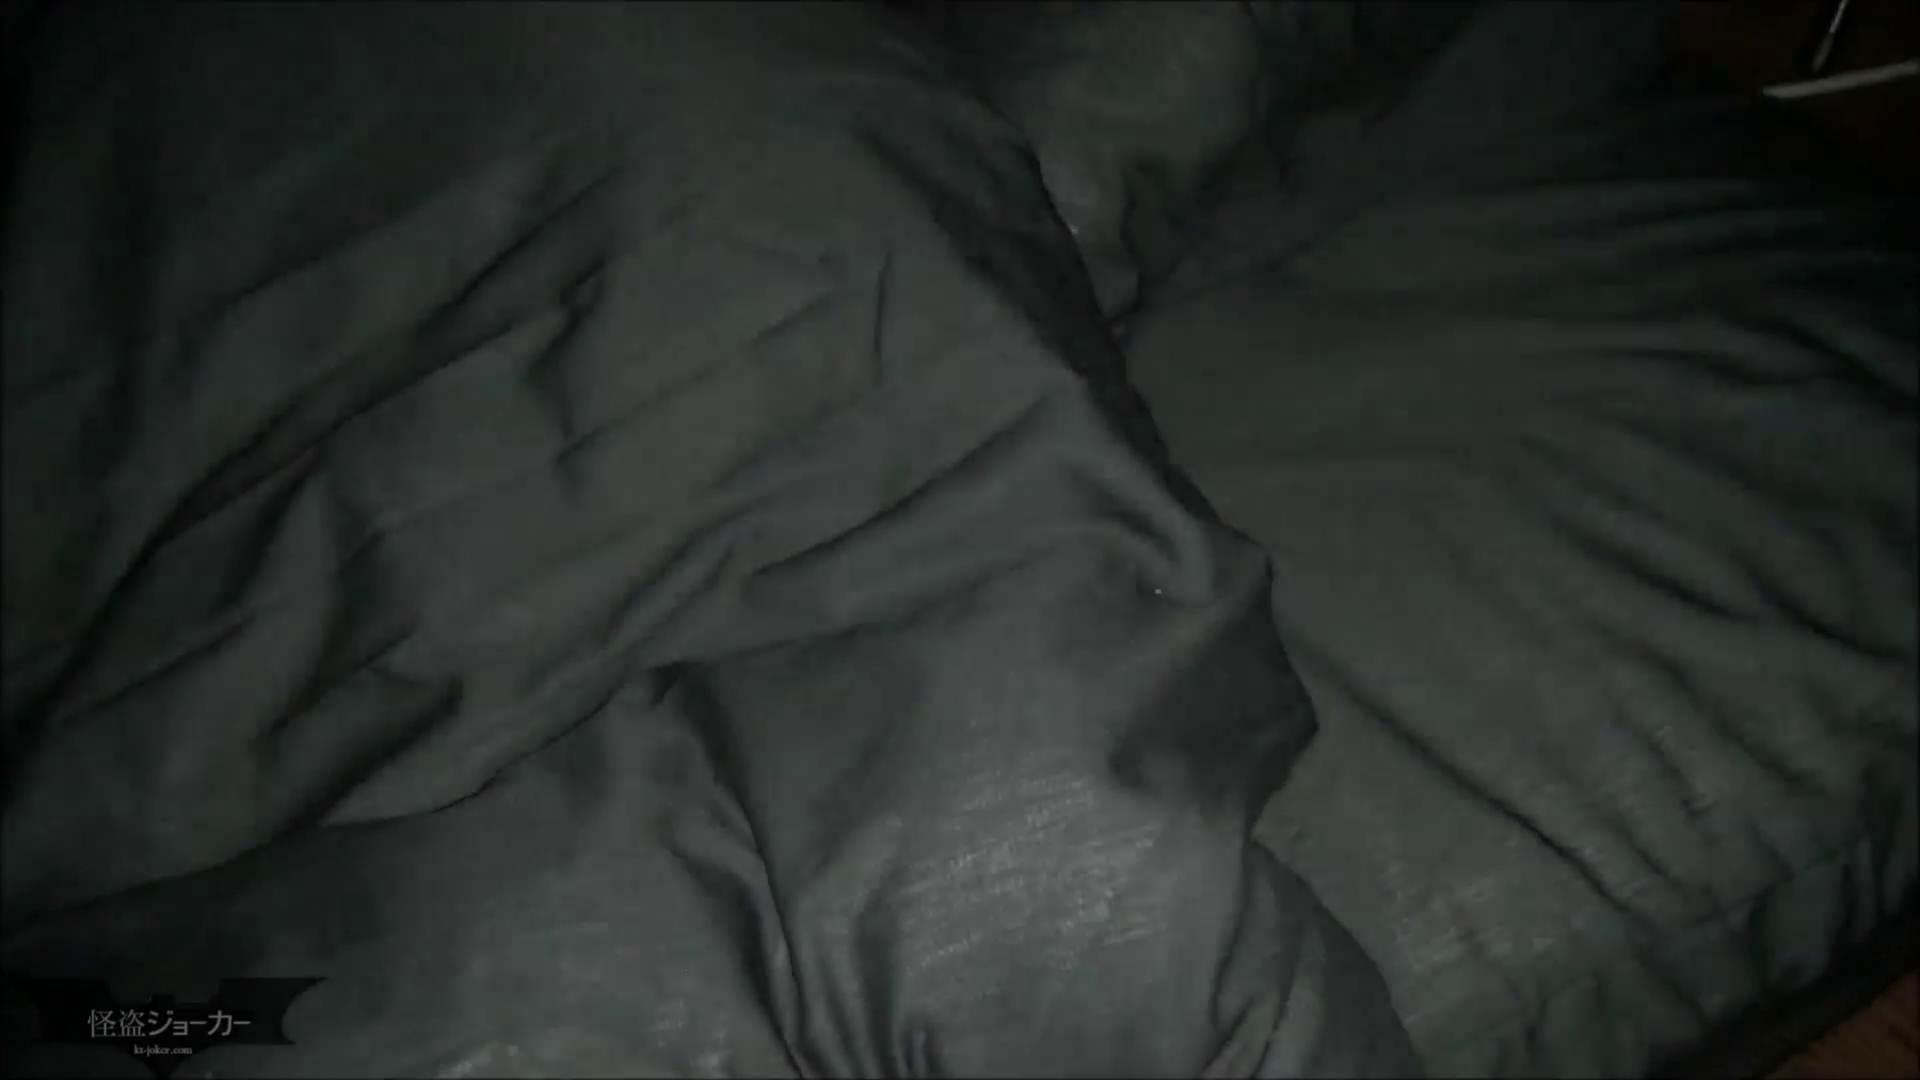 【未公開】vol.68【朋葉】友人が土足で朋葉の膣内に・・・ 丸見え | 美乳  73画像 1